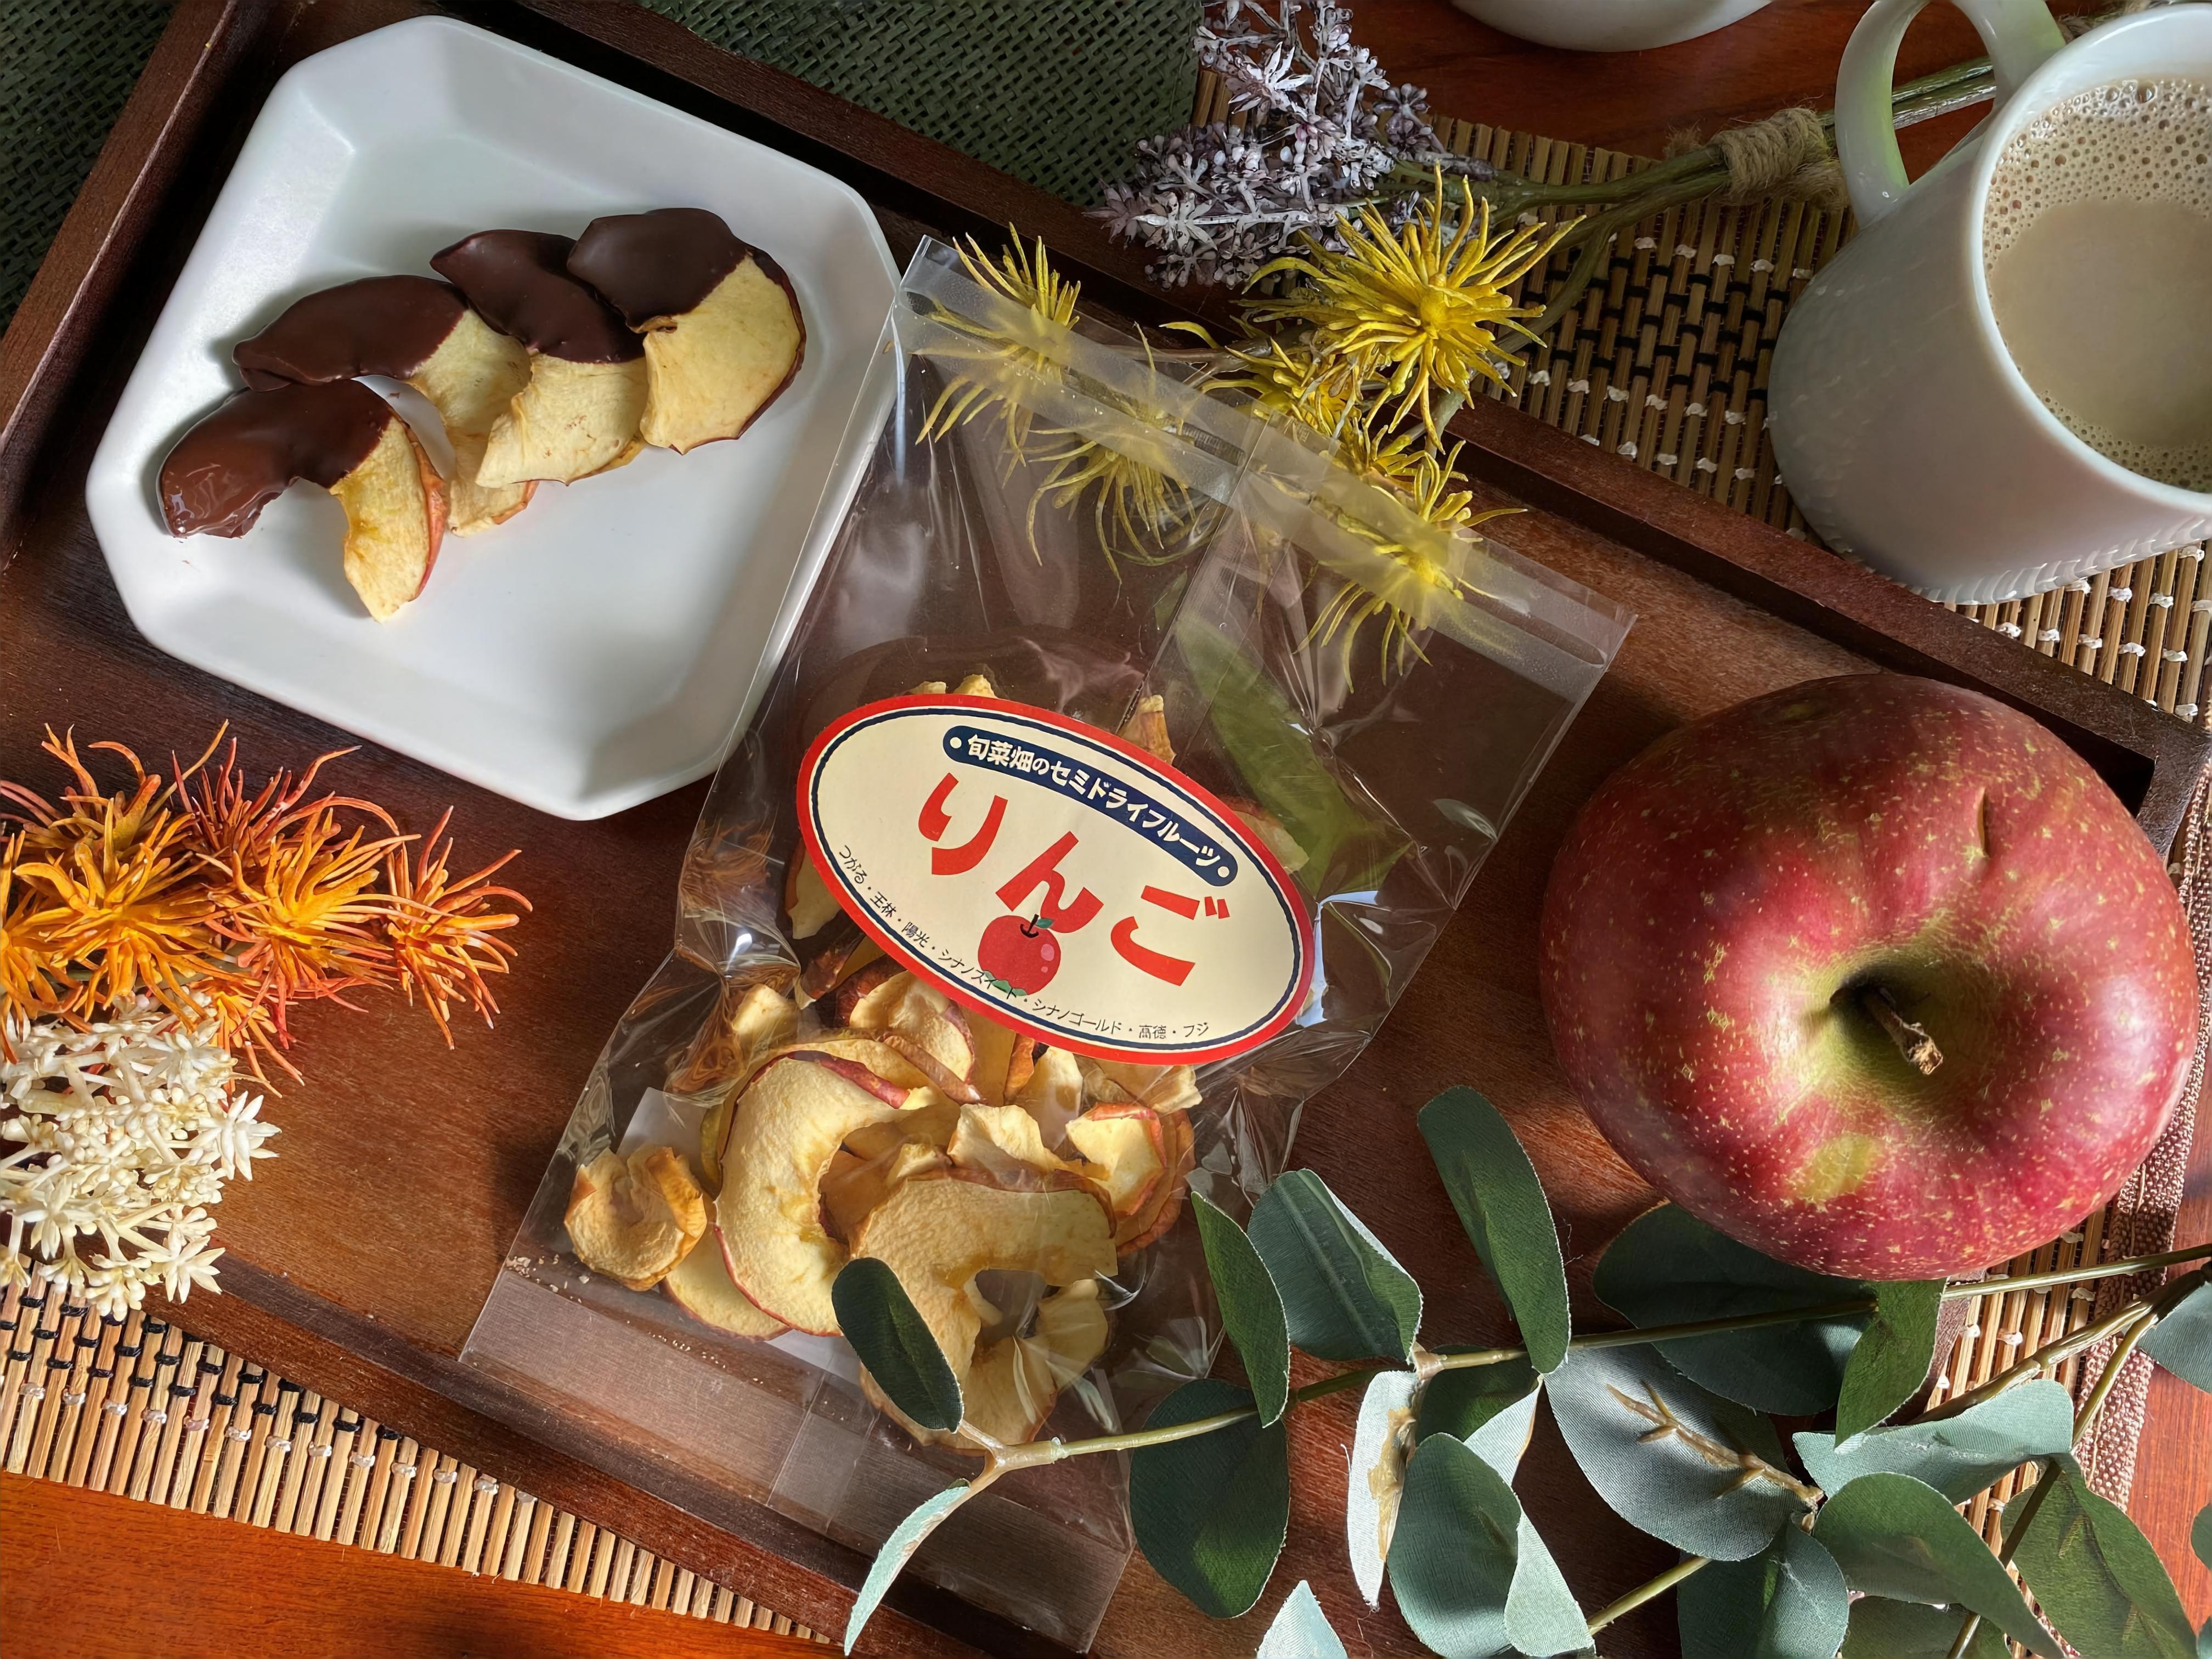 ★単品★素材そのまま!蜜入りふじりんごのセミドライフルーツ!【福島市】